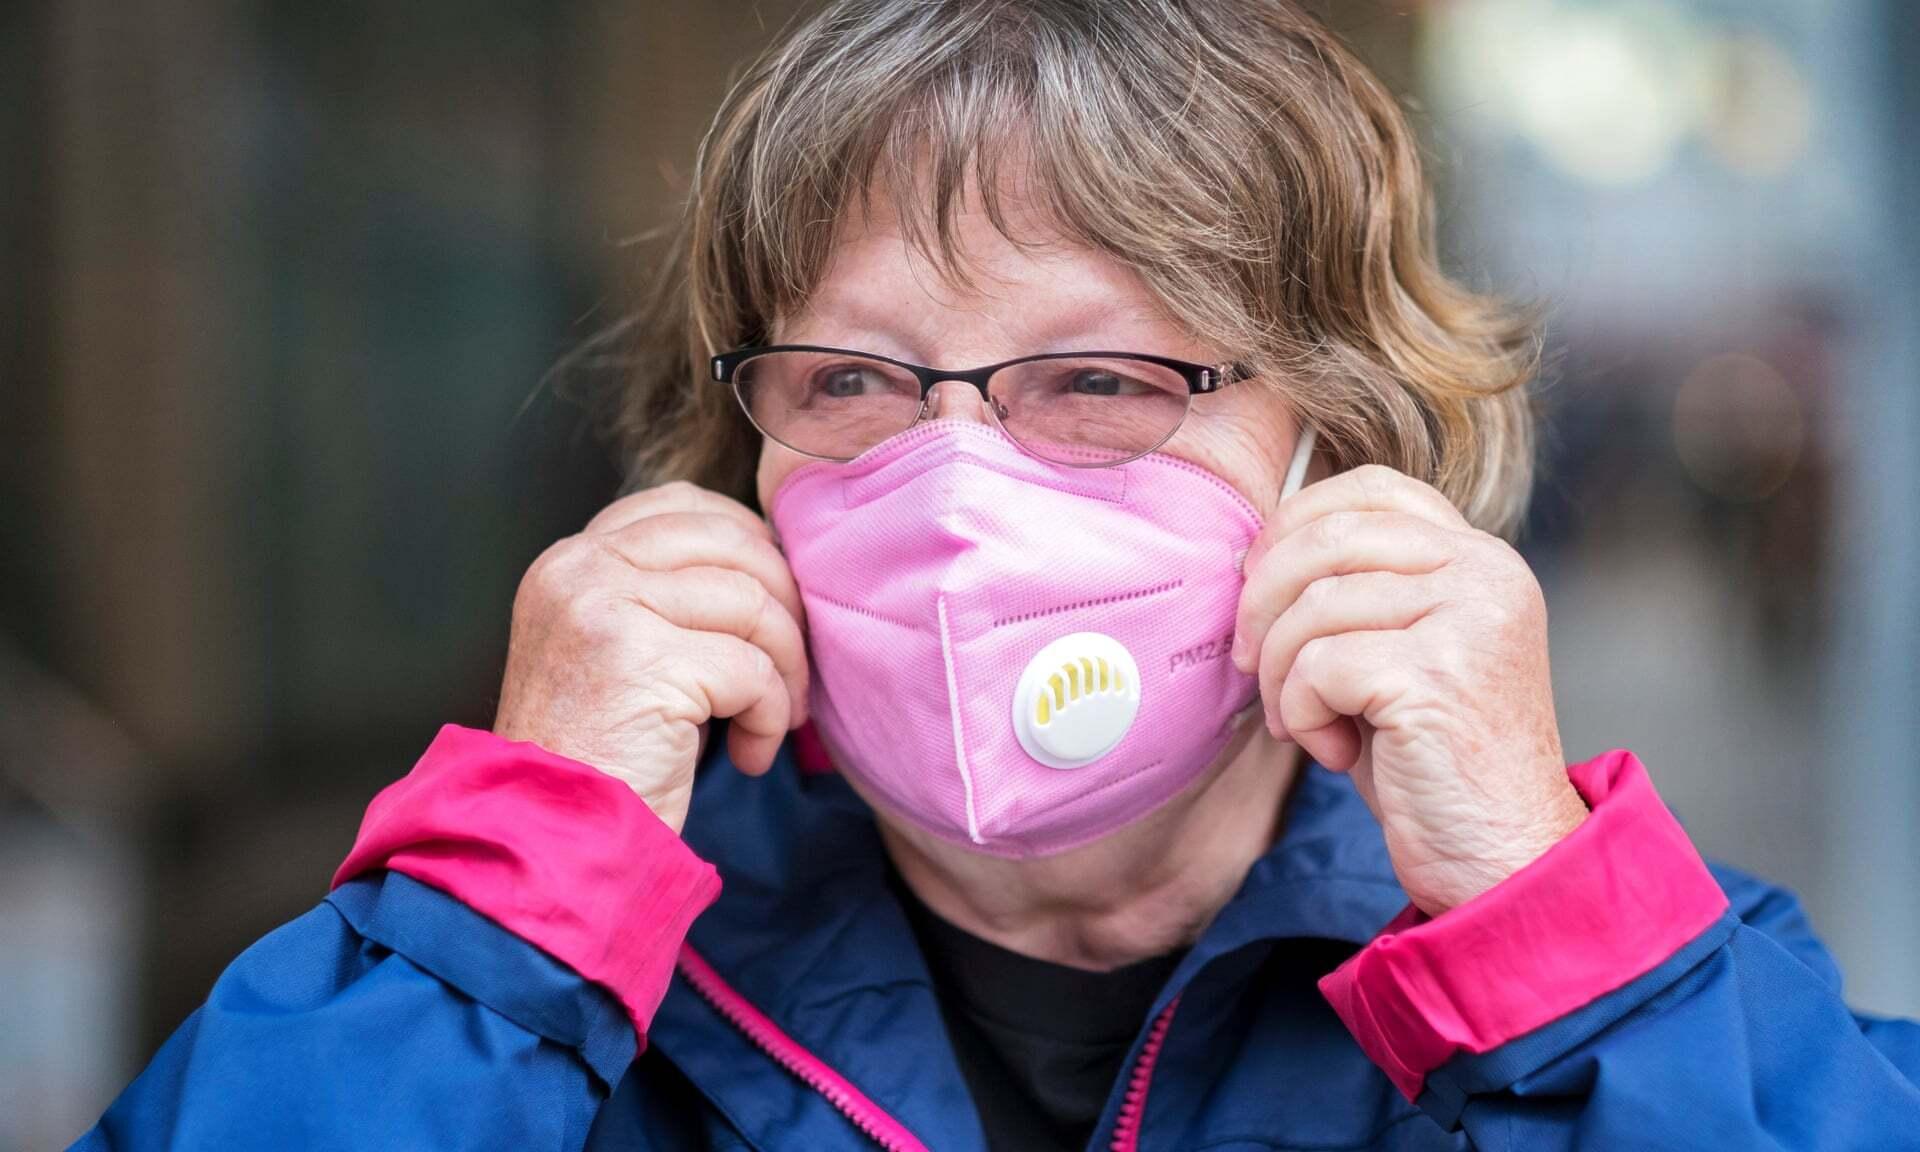 Всемирная организация здравоохранения изменила рекомендации по ношению масок